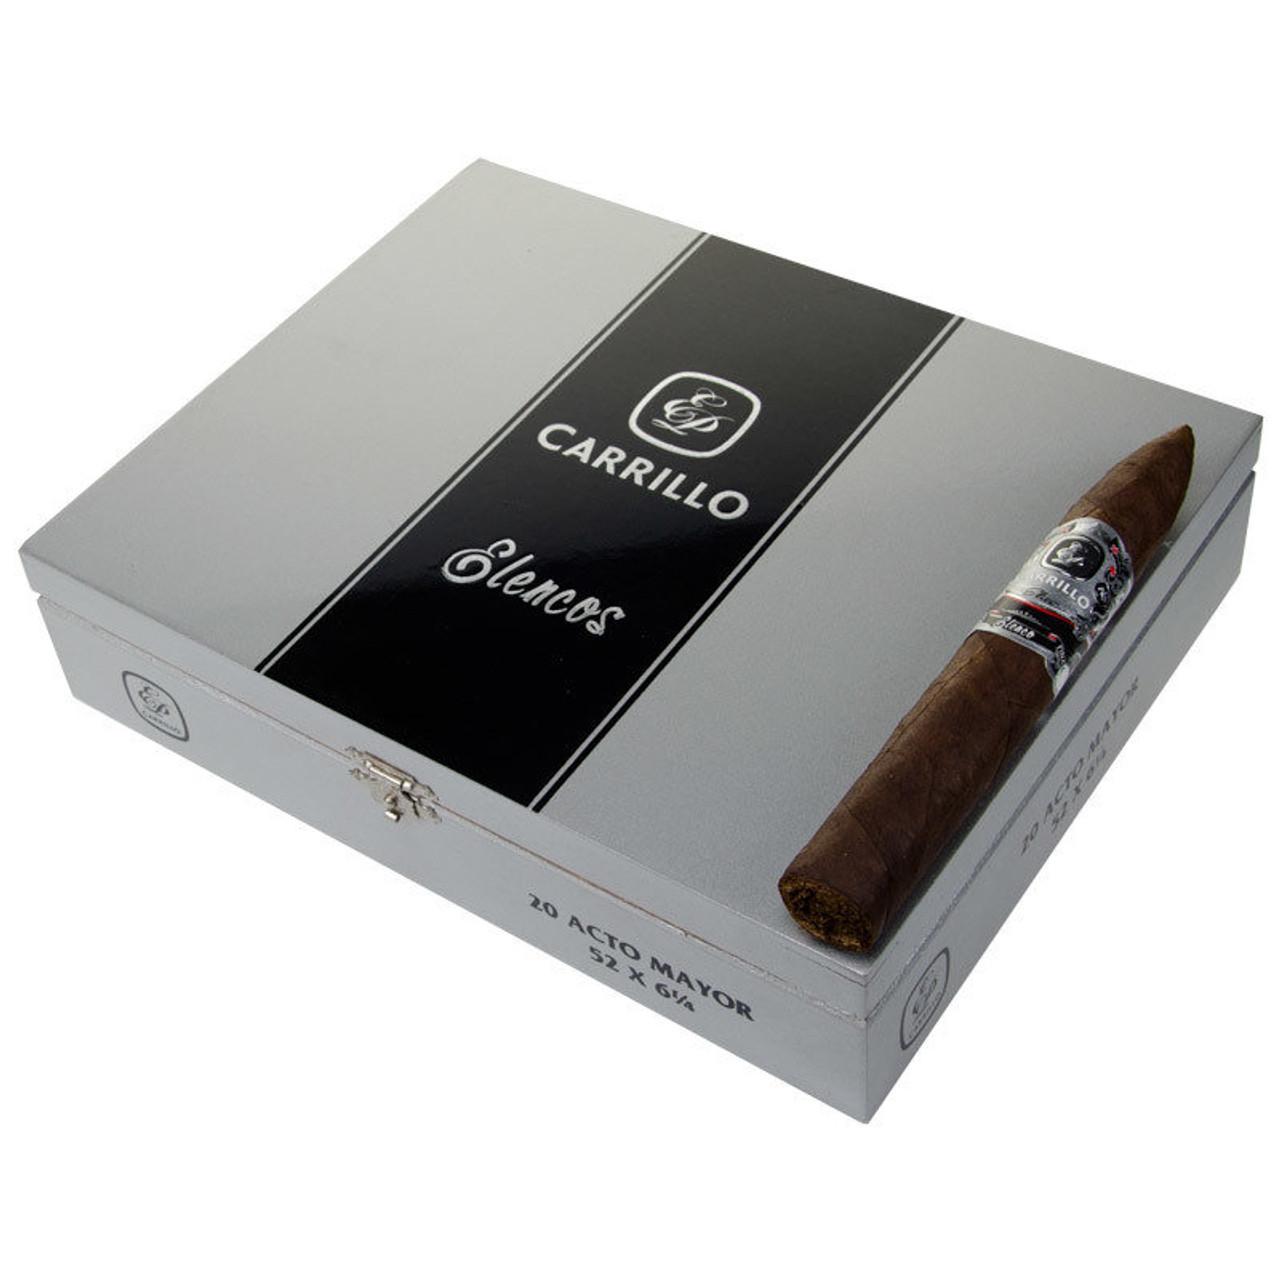 Elencos by E.P. Carrillo Acto Mayor Cigars